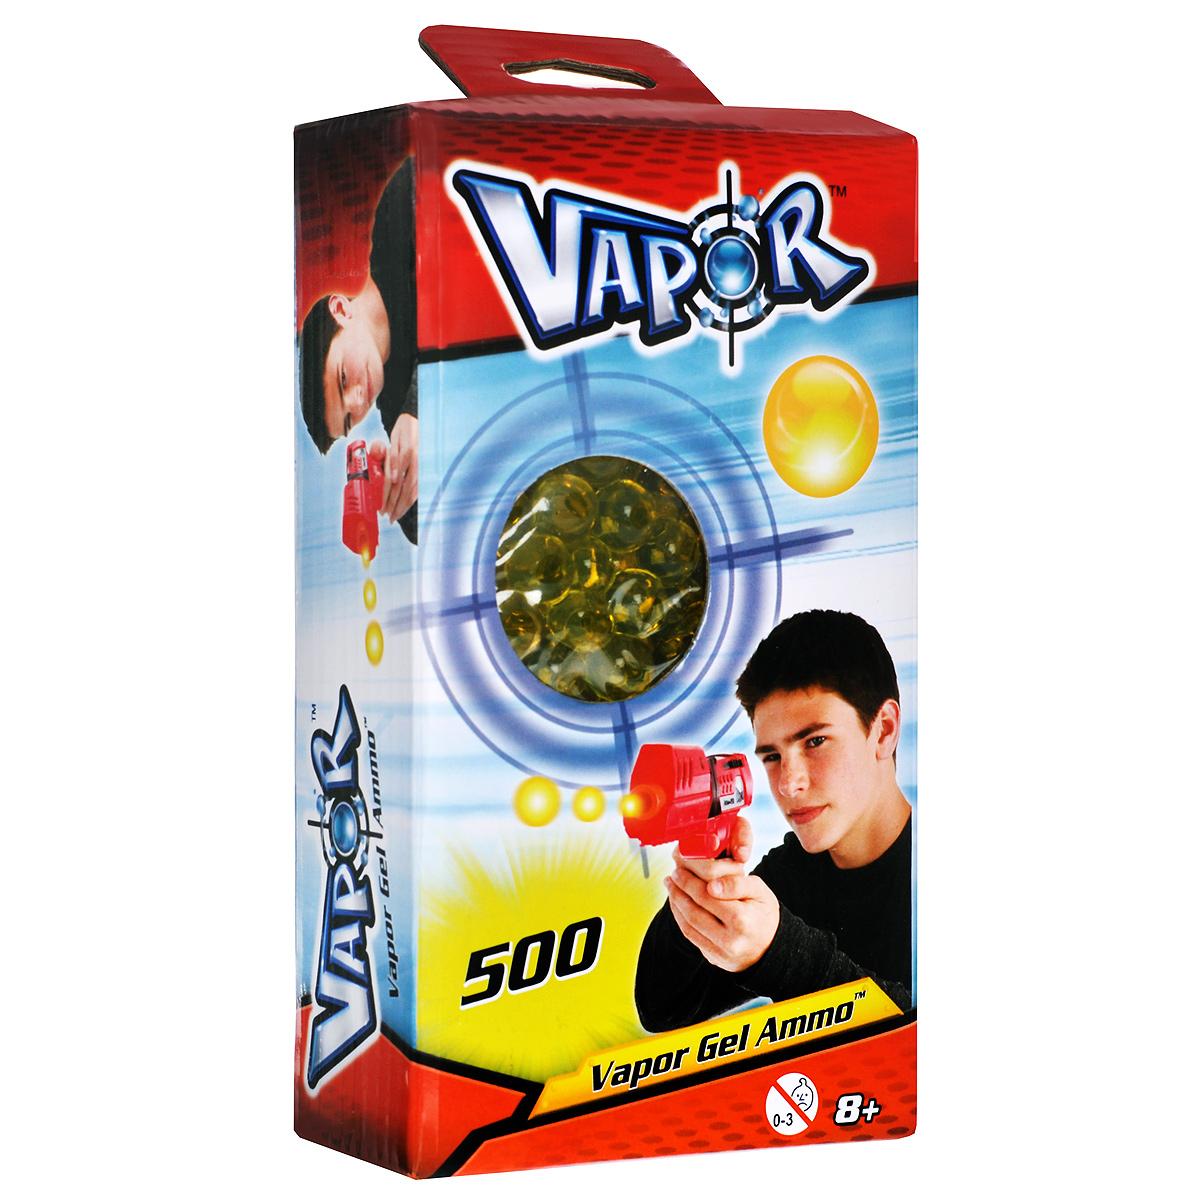 Пульки для бластеров Vapor, цвет: желтый, 500 шт35073704Пульки Vapor - это готовые заряды, которые подходят для бластеров Vapor . Пульки представляют собой гелевые шарики, состоящие из воды и полимера. При попадании они безобидно отскакивают от предметов или рассыпаются на частички, не нанося никакого вреда и не оставляя мокрых пятен. В комплект входят 500 пулек желтого цвета.